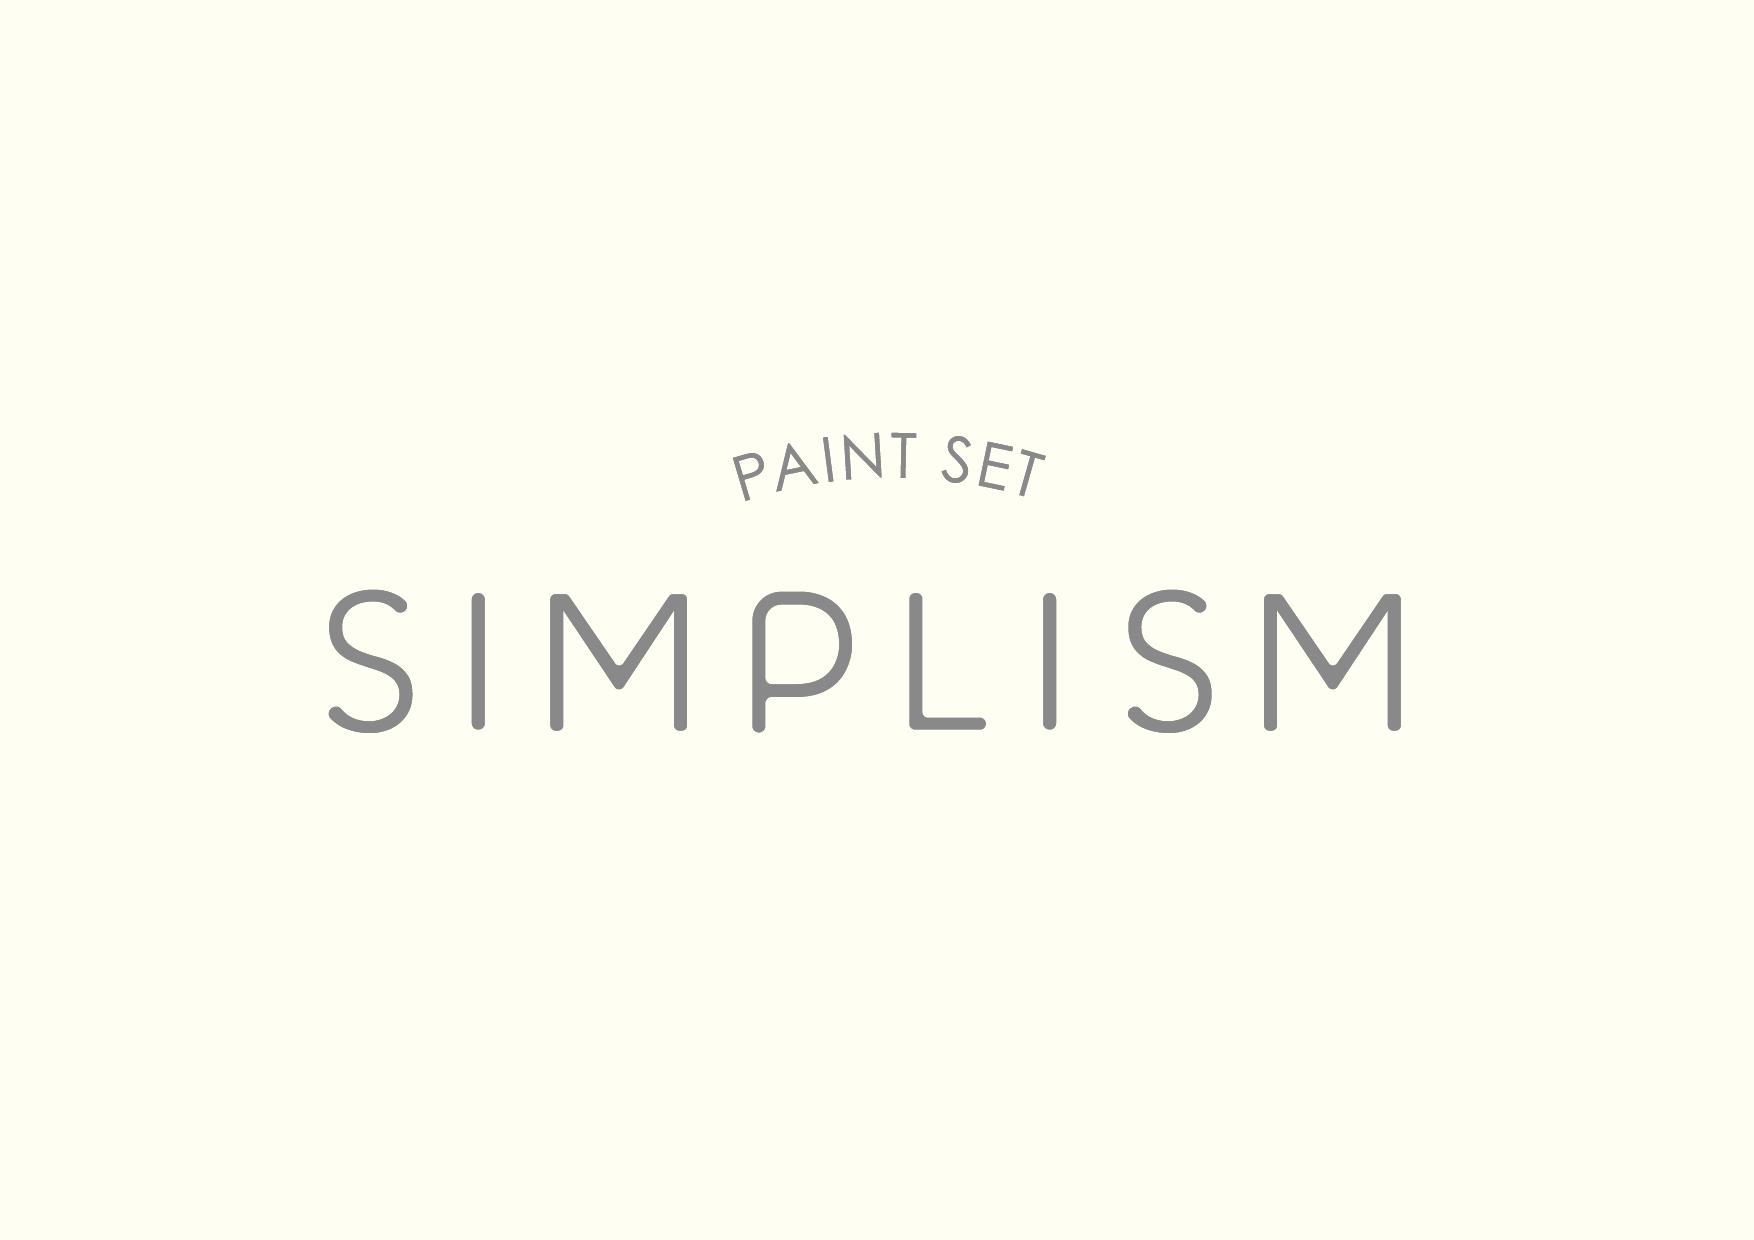 simplism-01